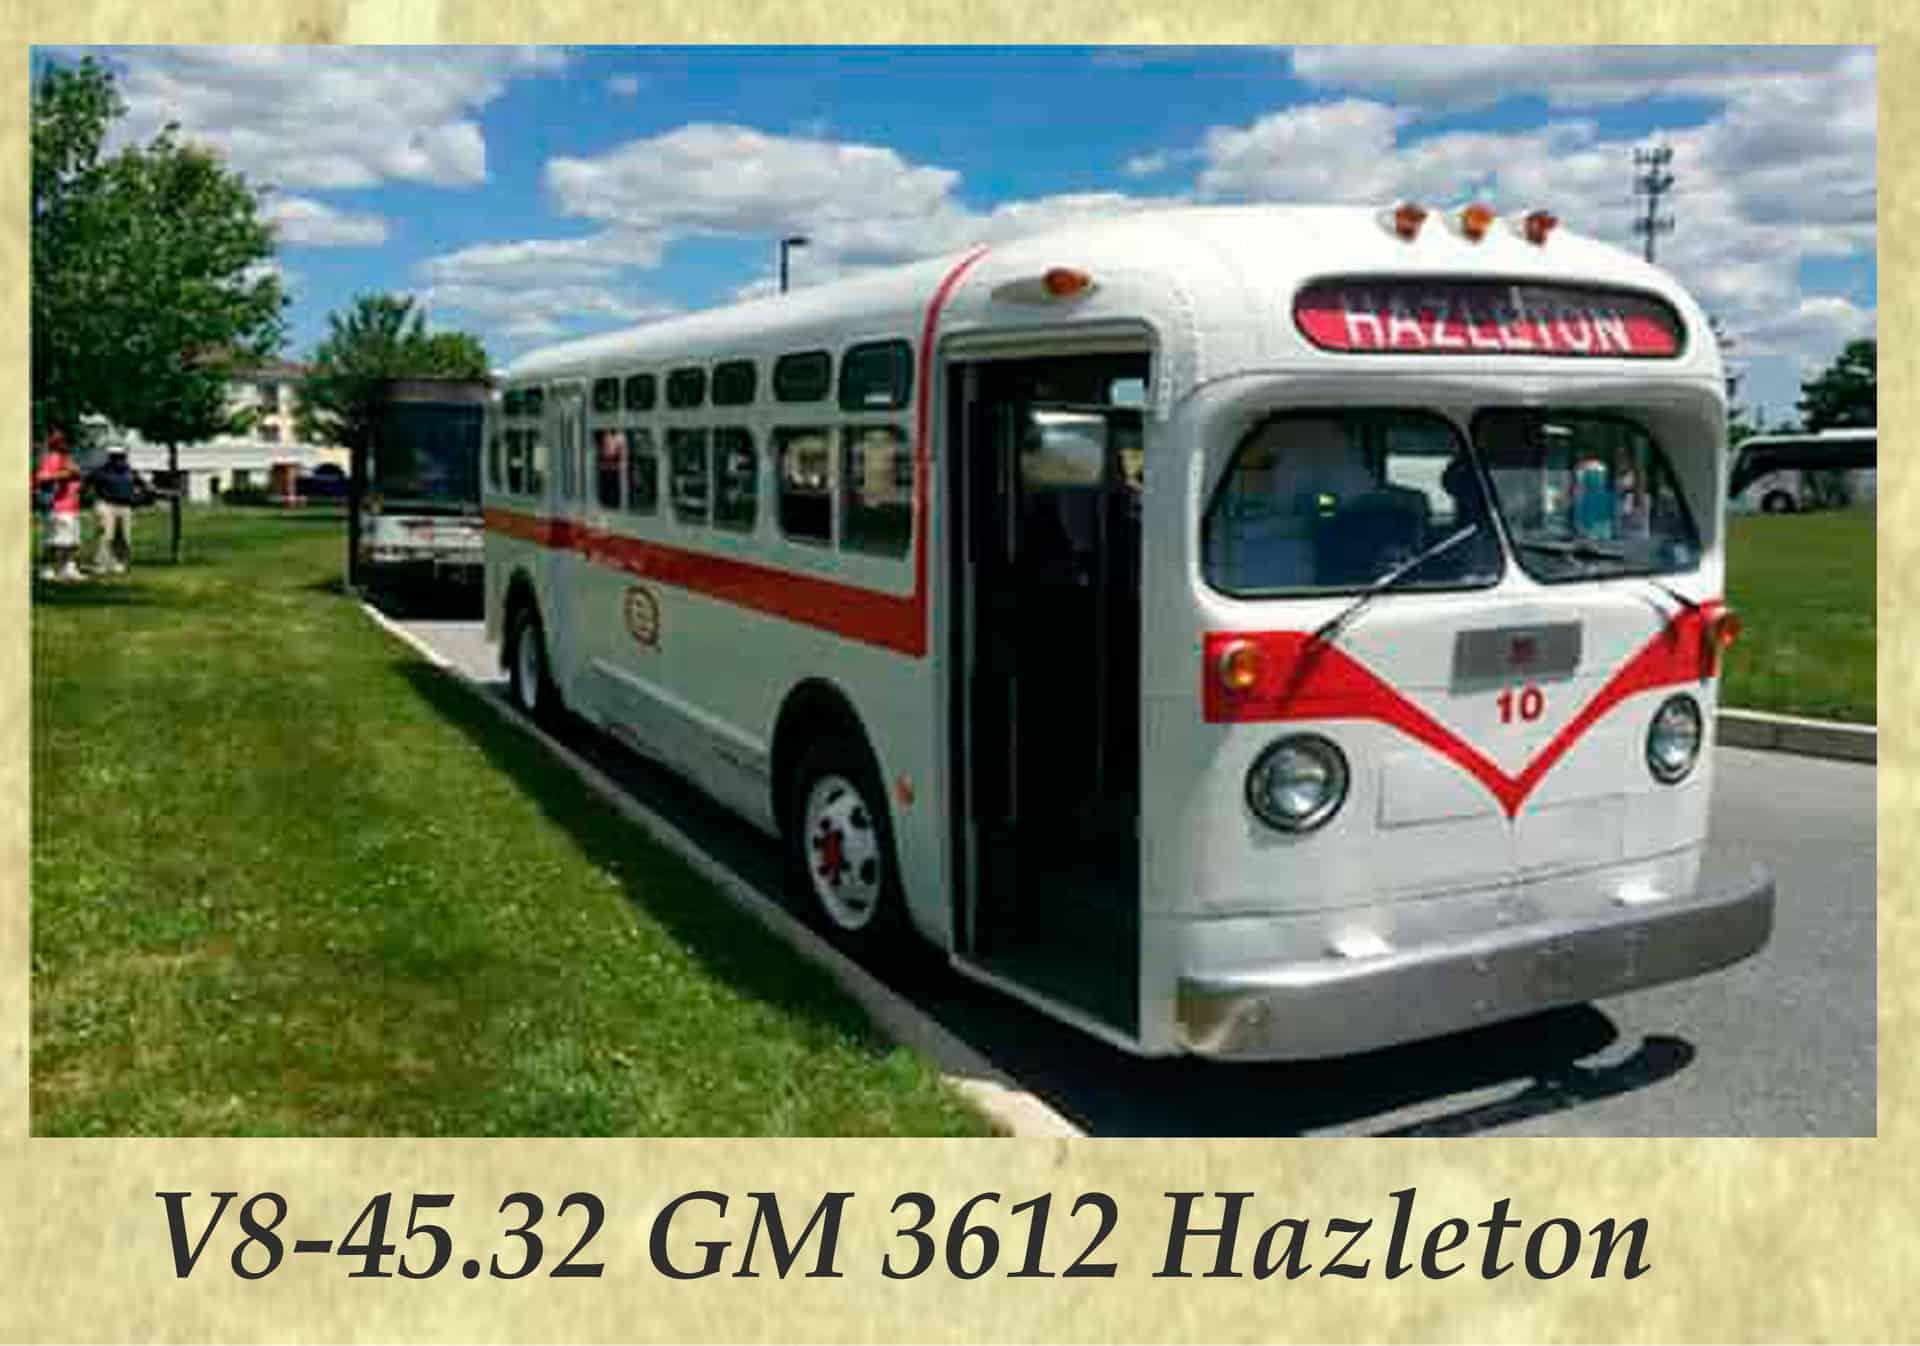 V8-45.32 GM 3612 Hazleton